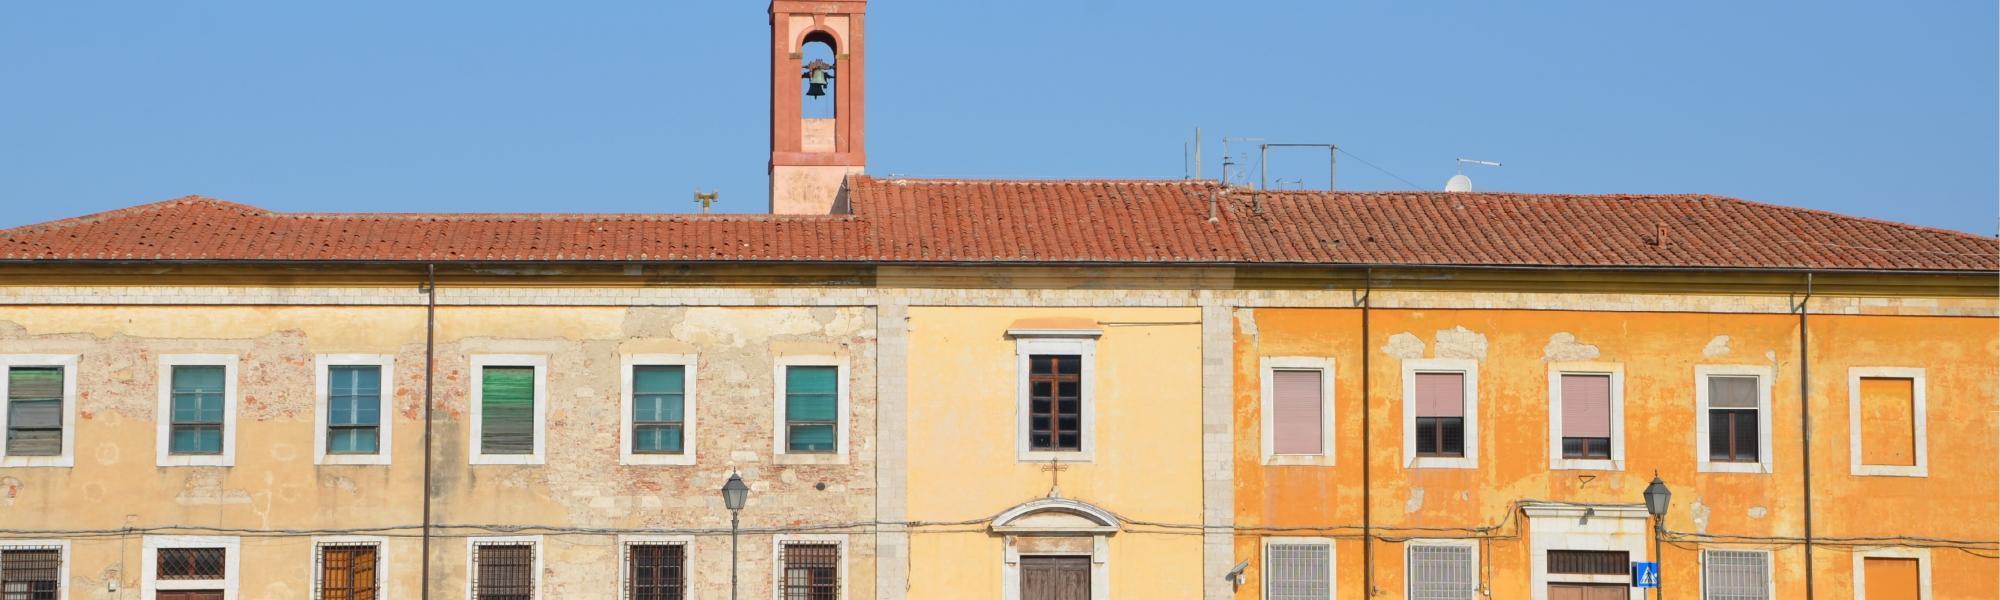 Chiesa dei Santi Vito e Ranieri (L. Corevi, Comune di Pisa)